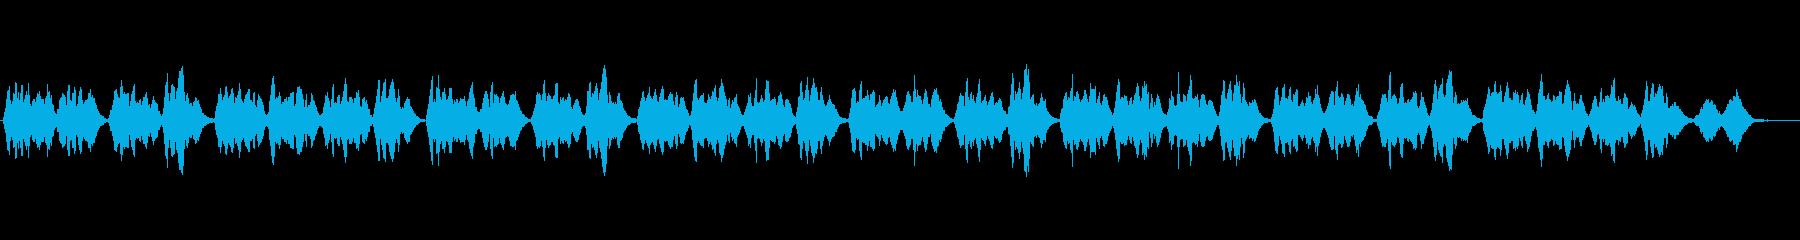 讃美歌430「いもせをちぎる」の再生済みの波形